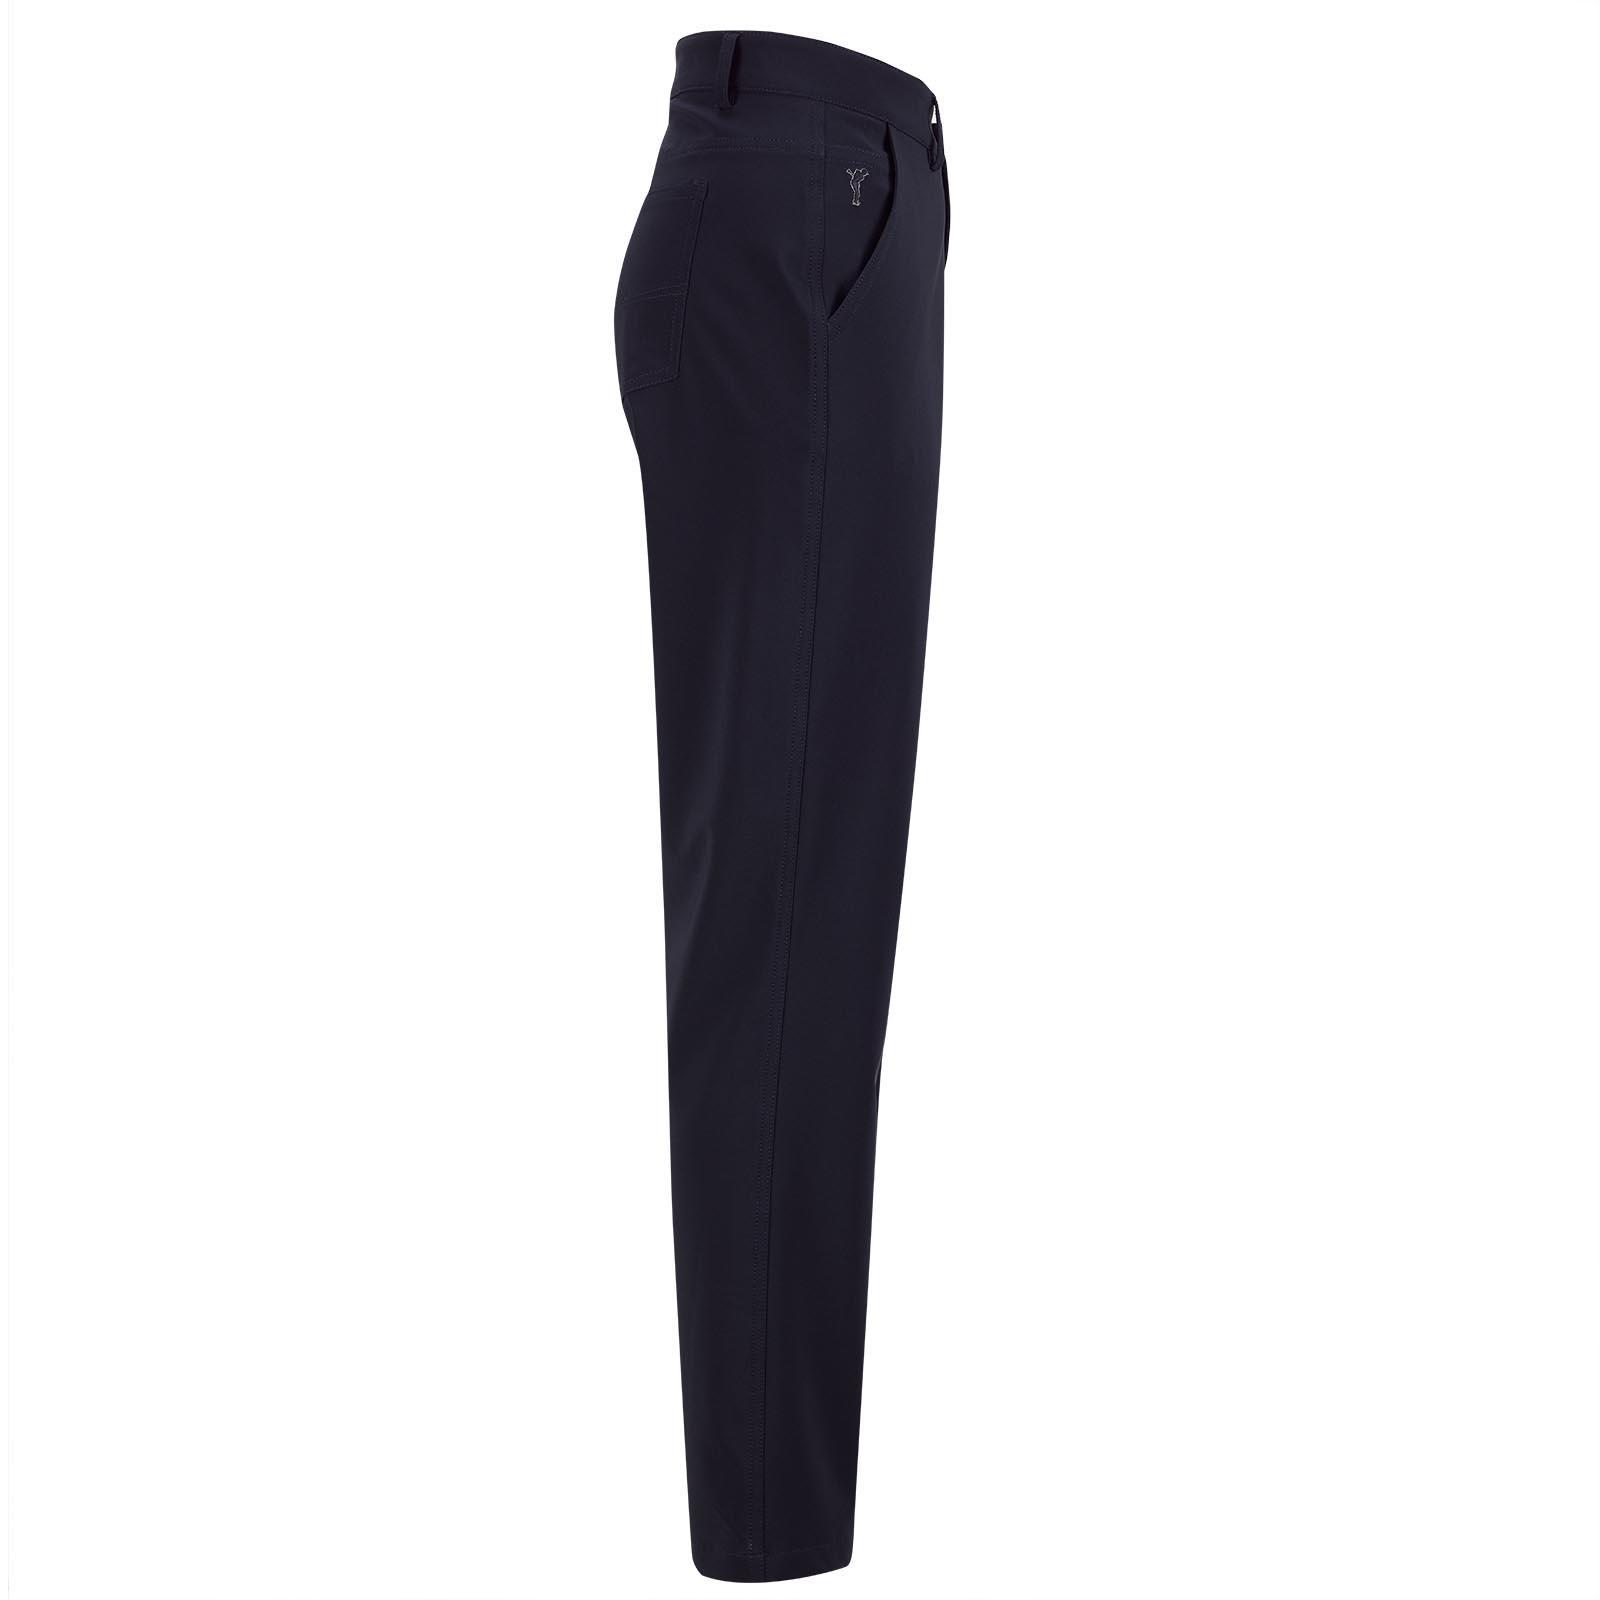 Damen 7/8-Golfhose aus wasserabweisendem Stretch-Material